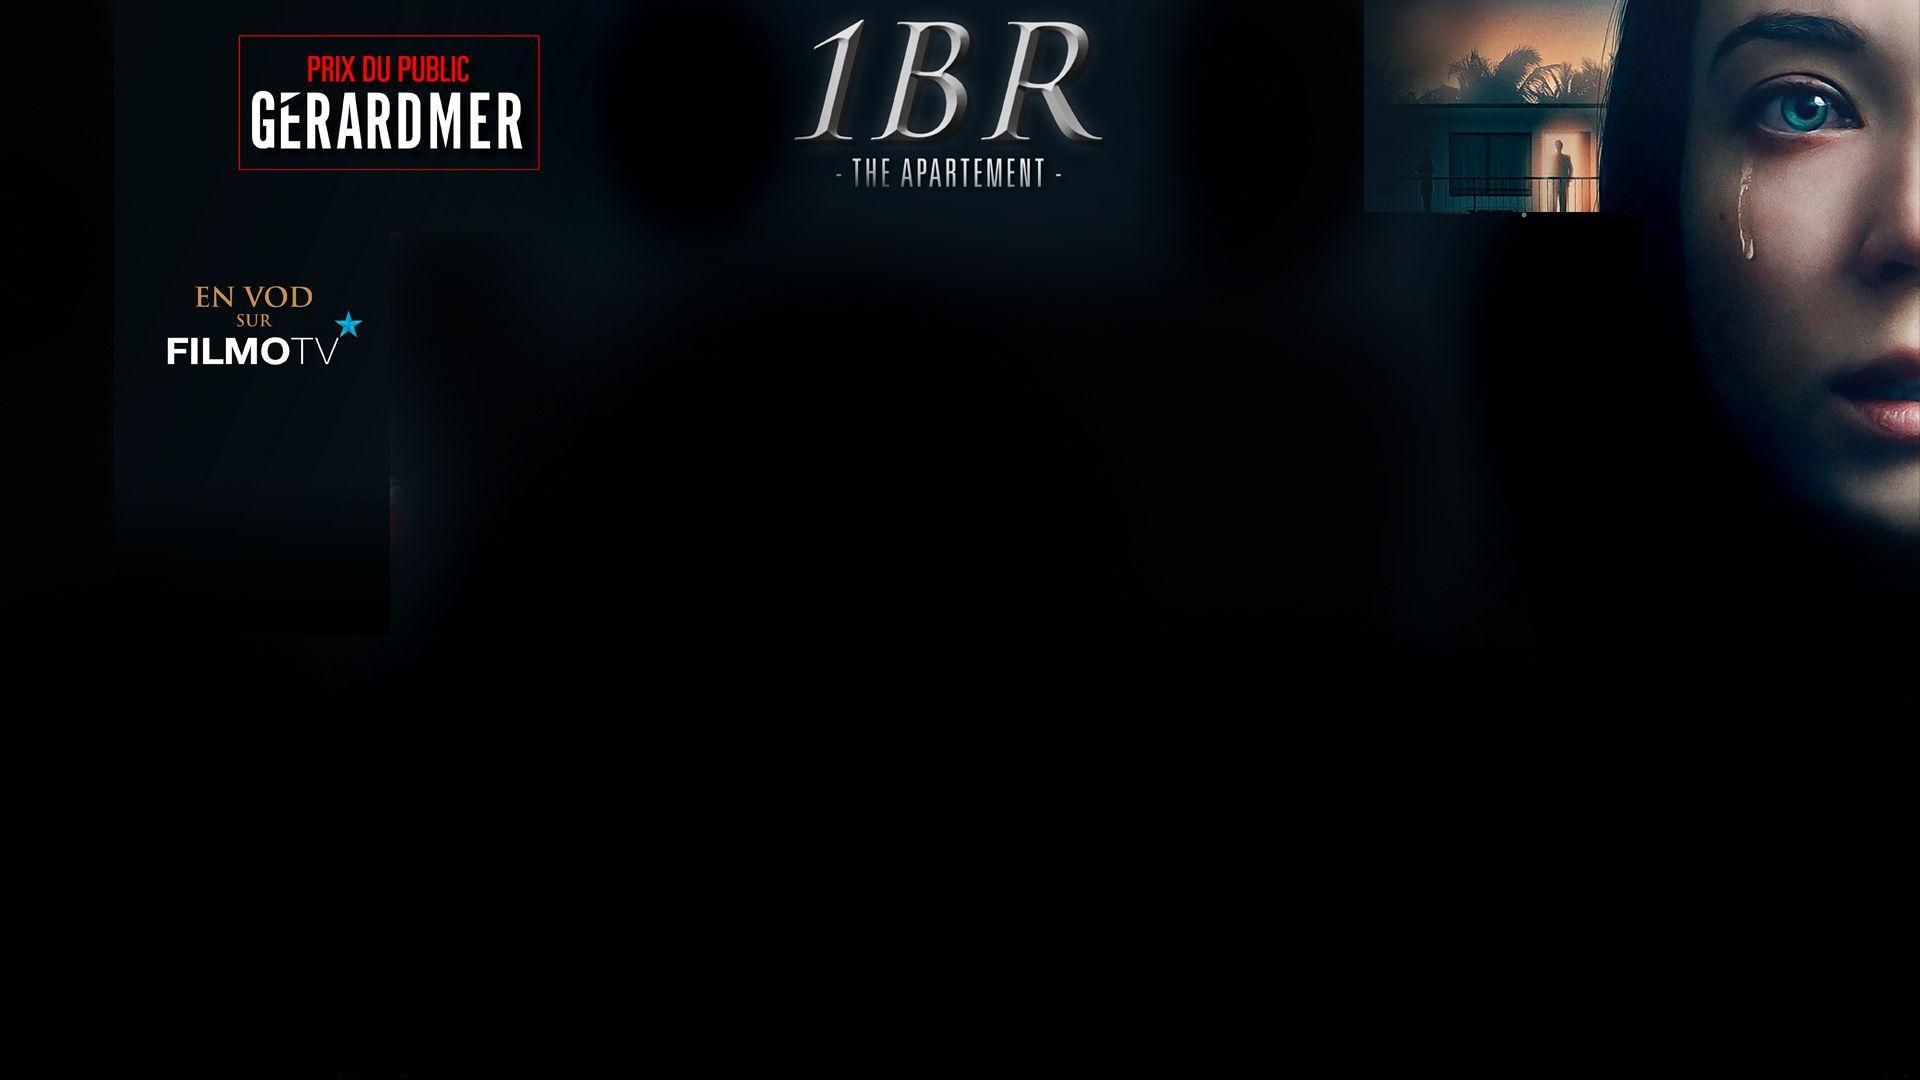 Campagne FILMO TV - 1BR